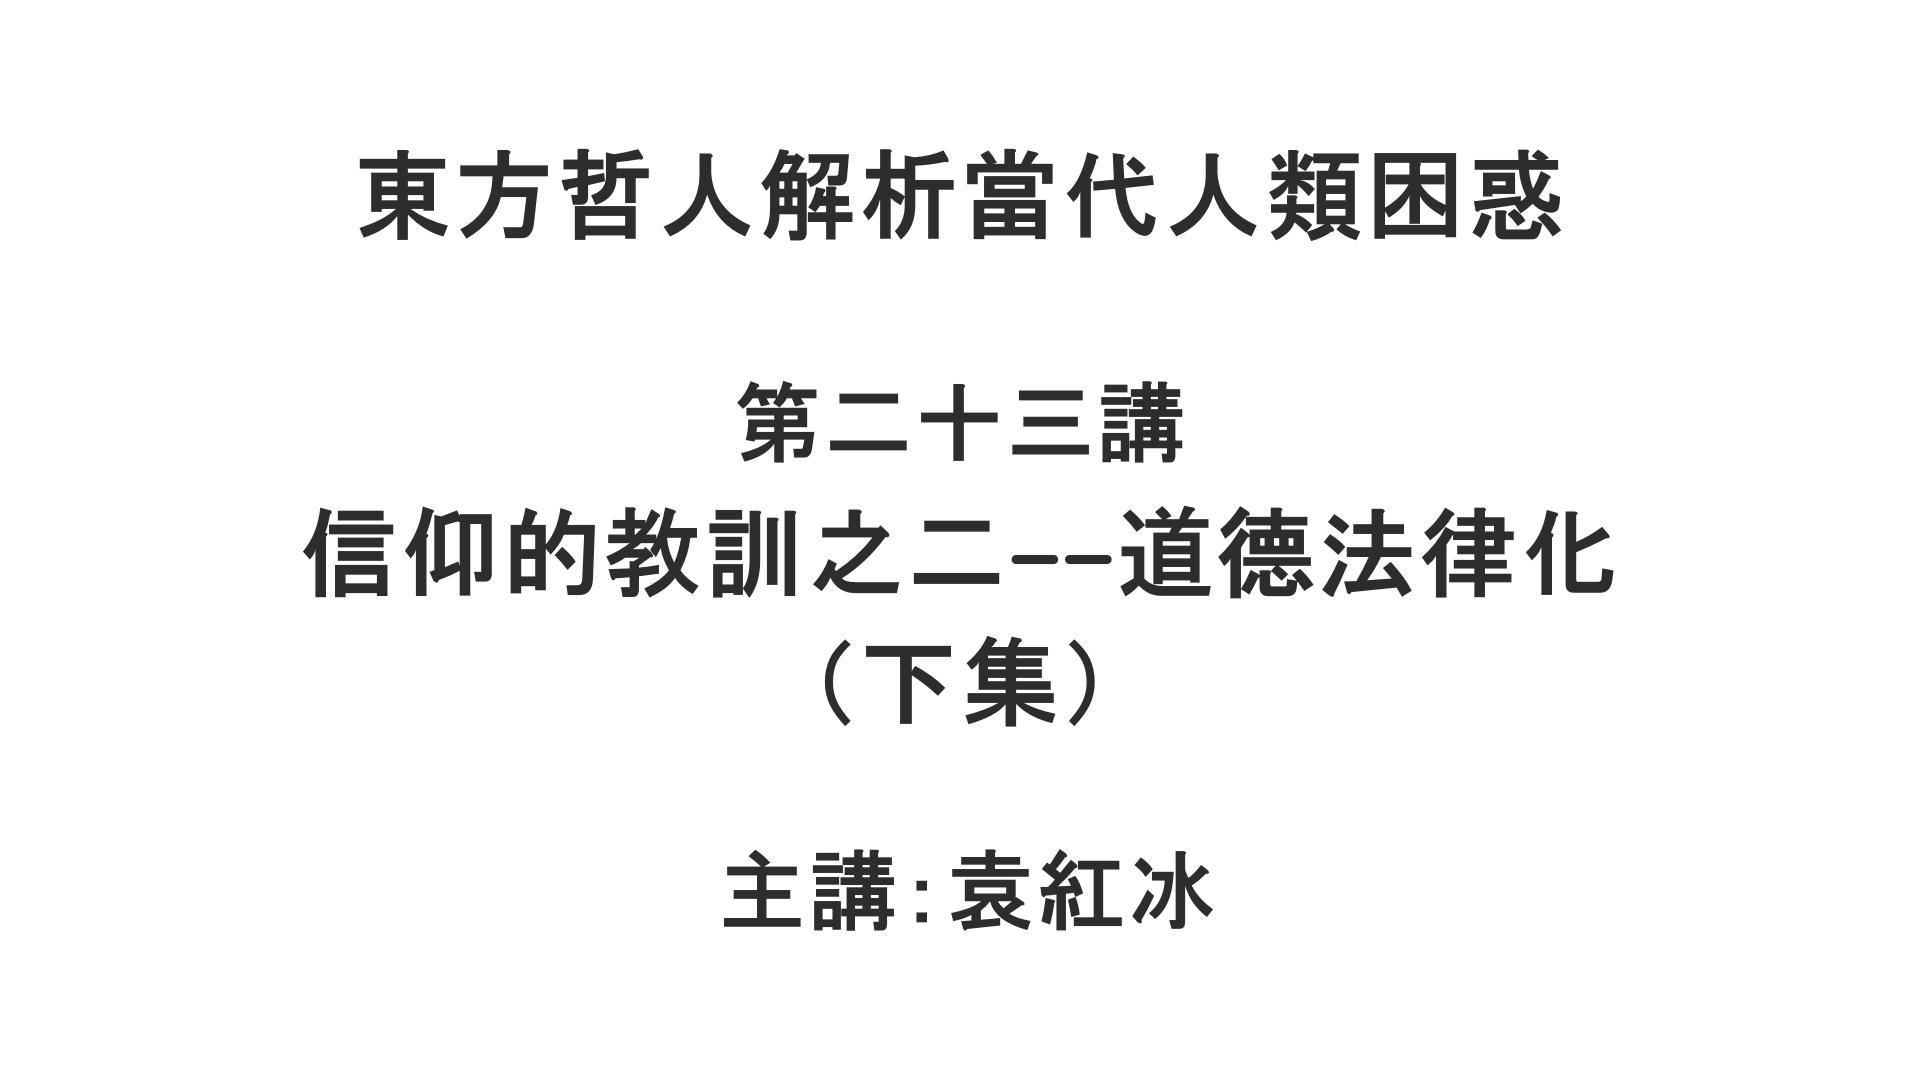 YuanHongBing-XingTan-4-23-05132021